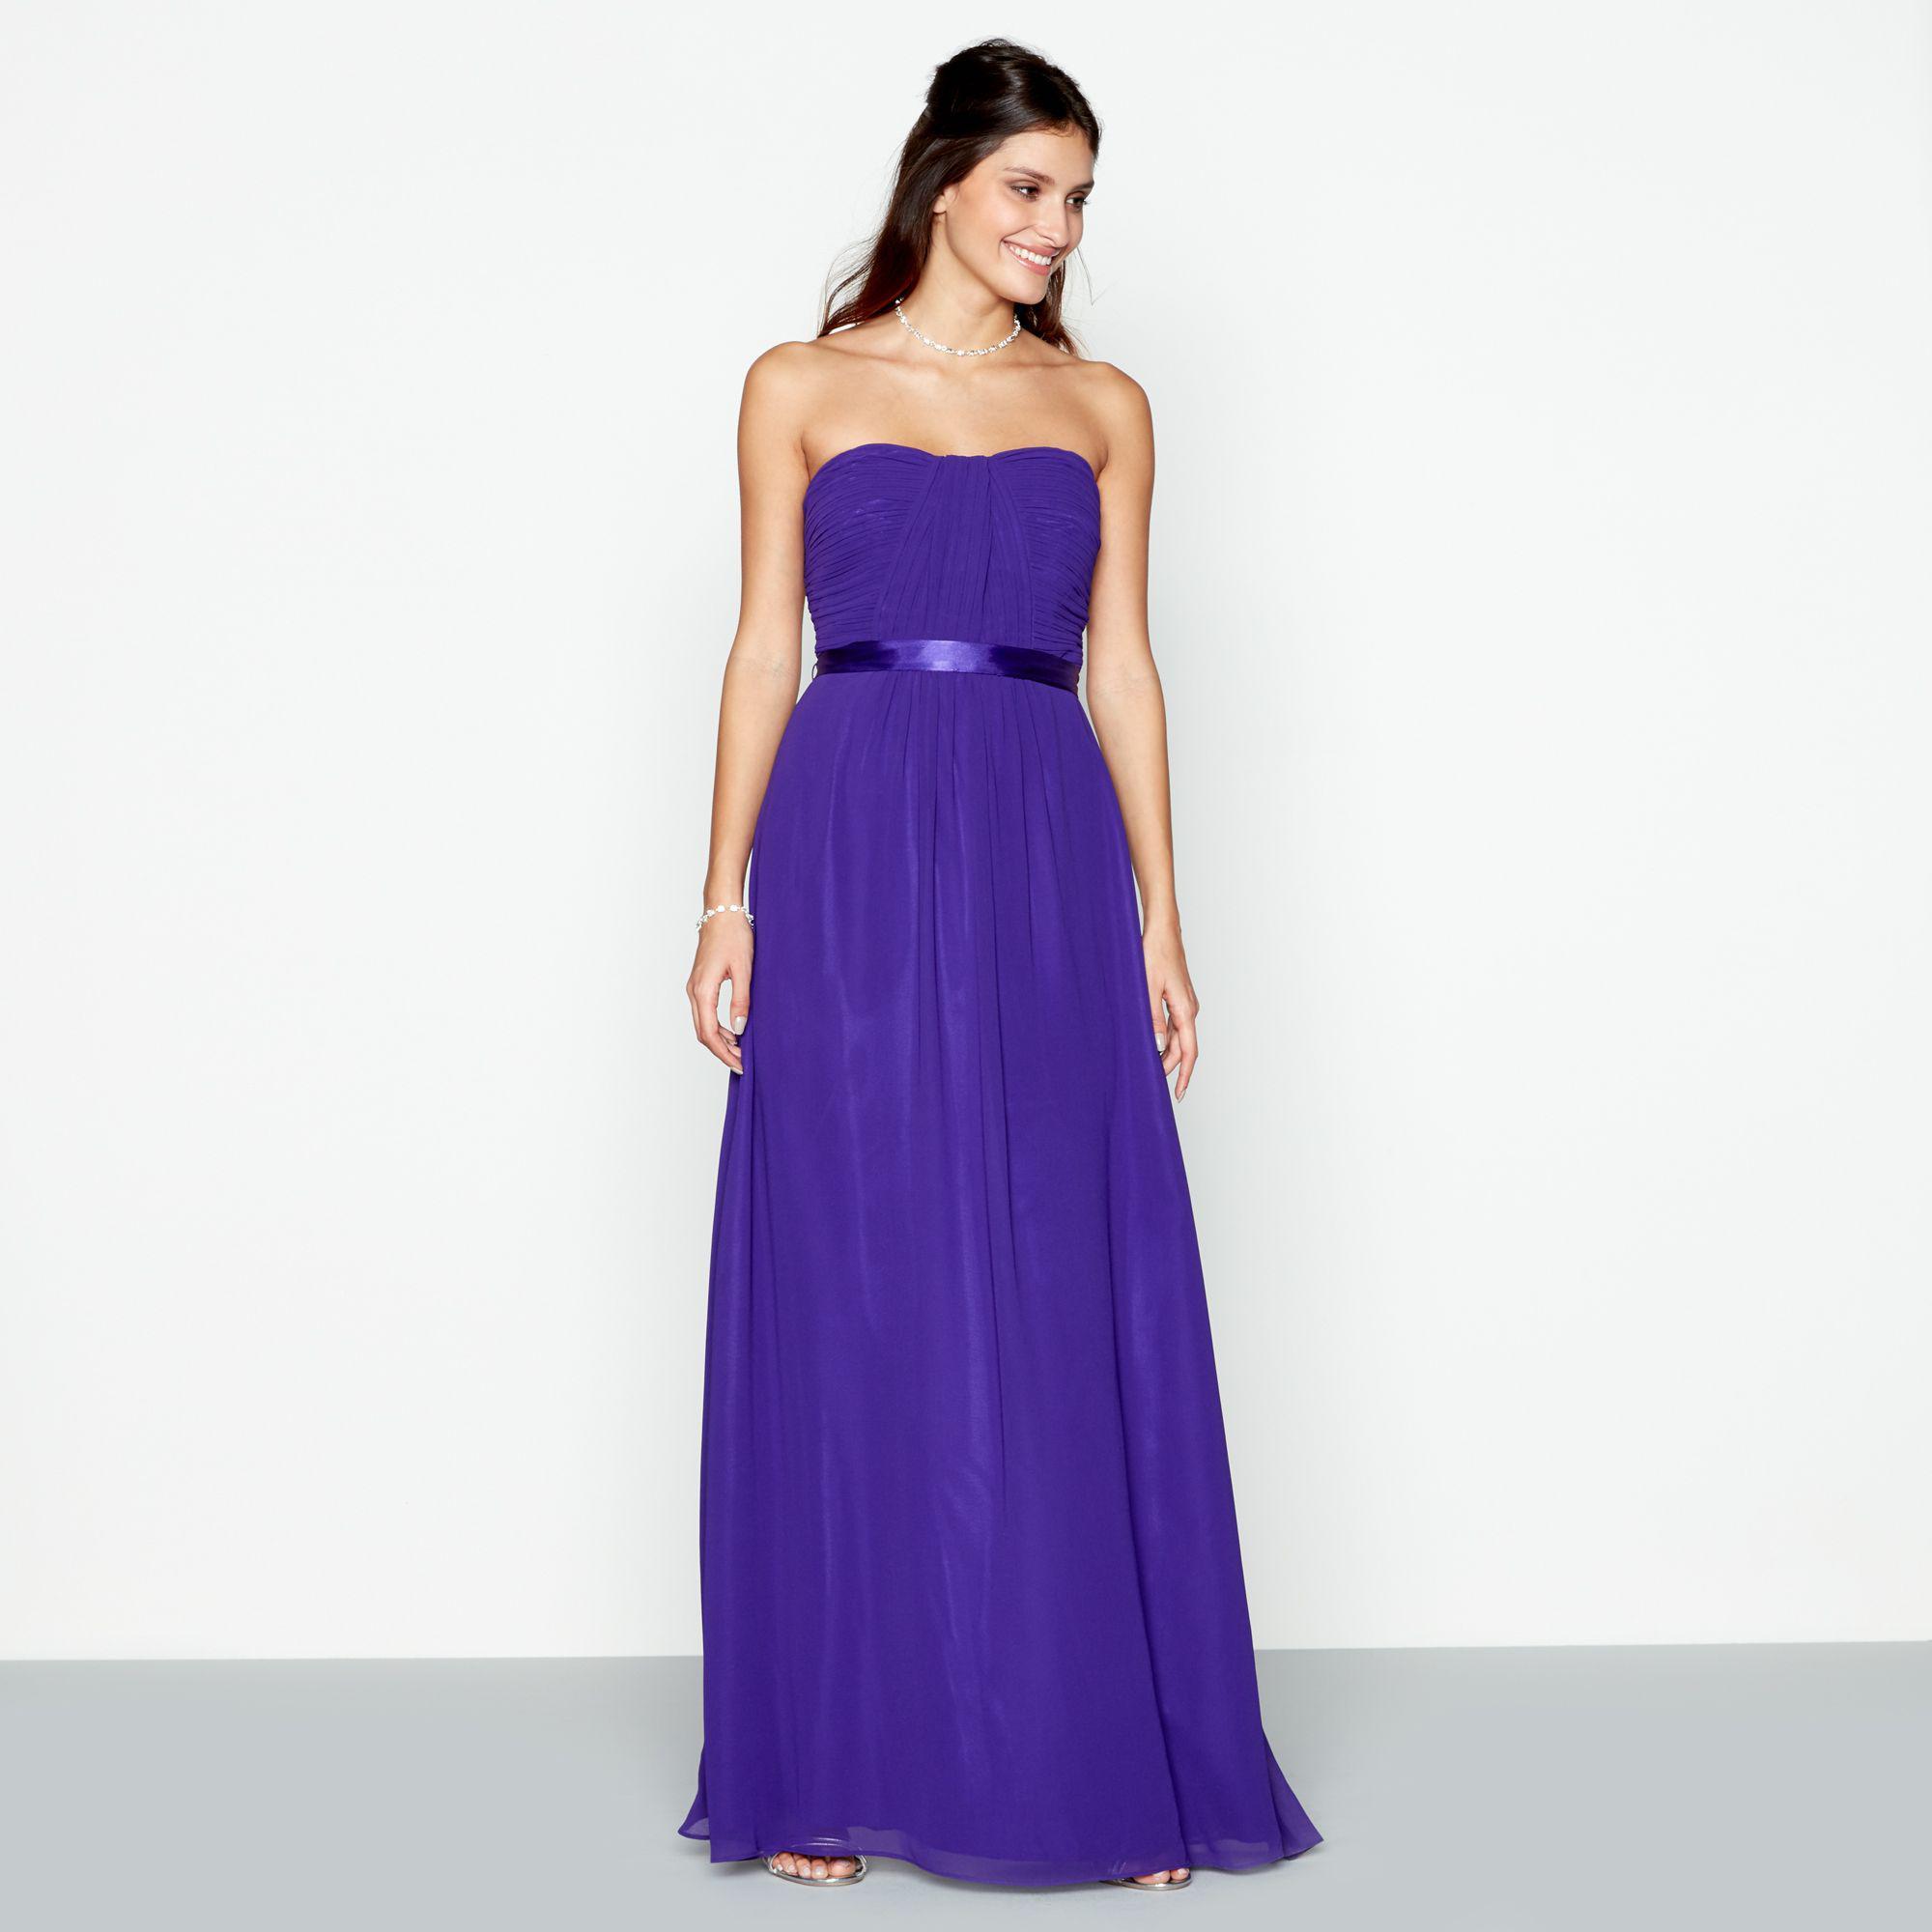 d0b4f15165f Début Purple 'sophia' Bandeau Plus Size Bridesmaid Dress in Purple ...